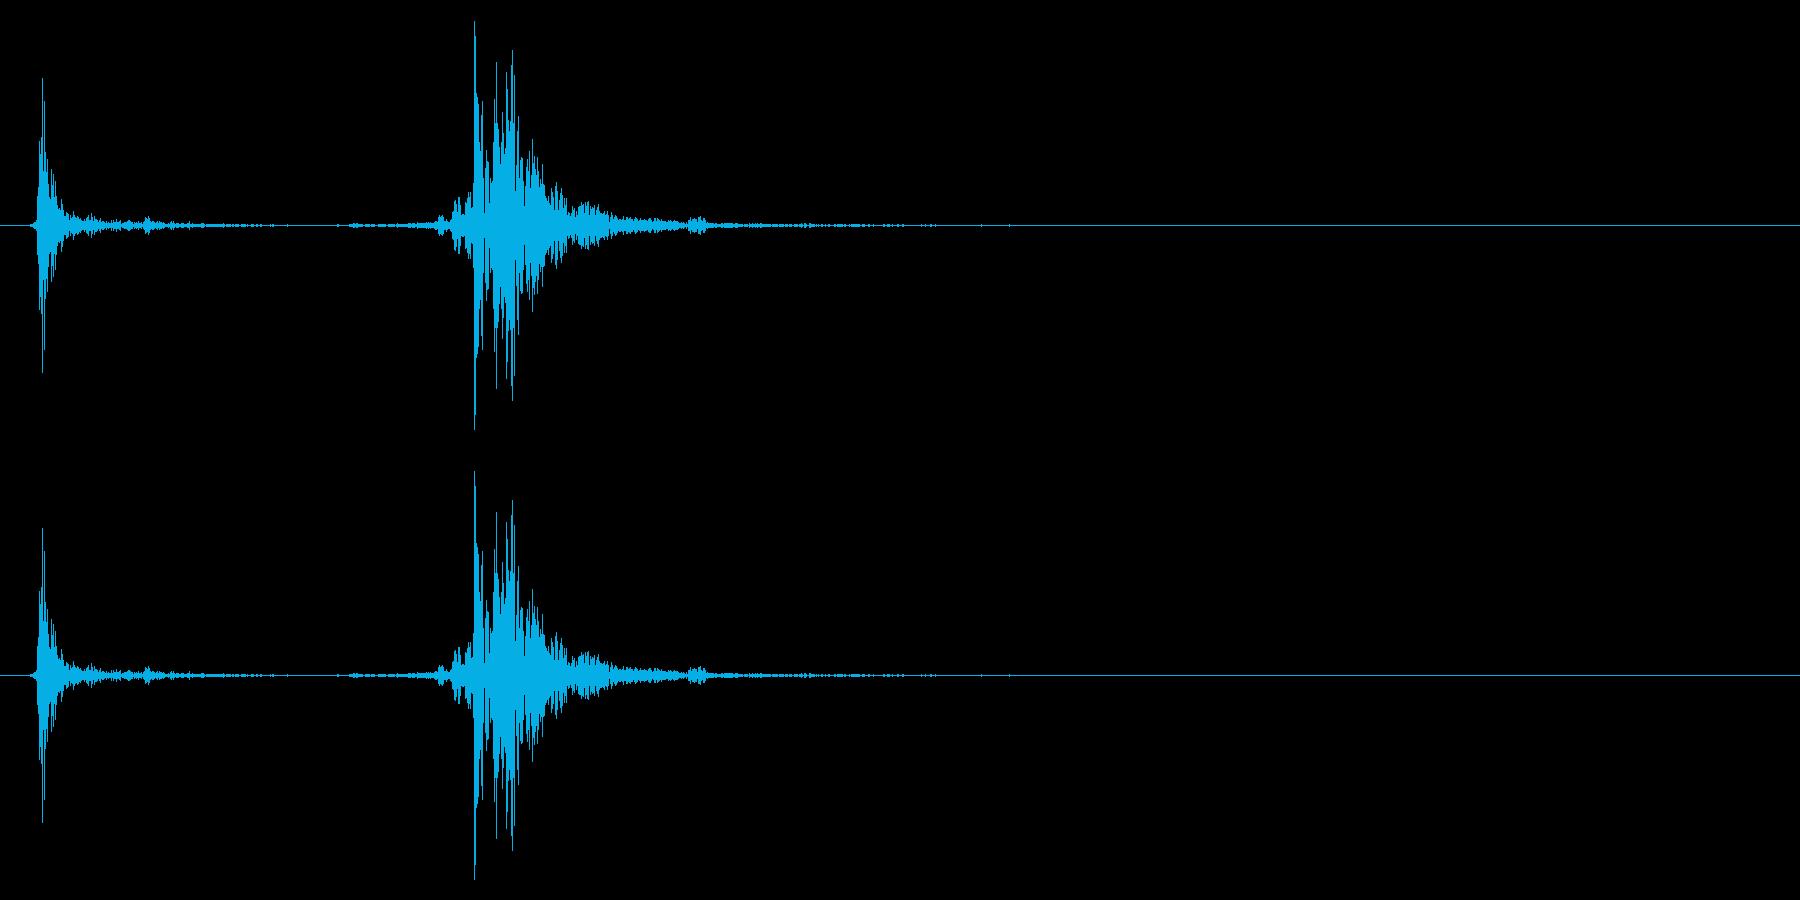 アタッシュケースの留め具を閉じる音_1の再生済みの波形